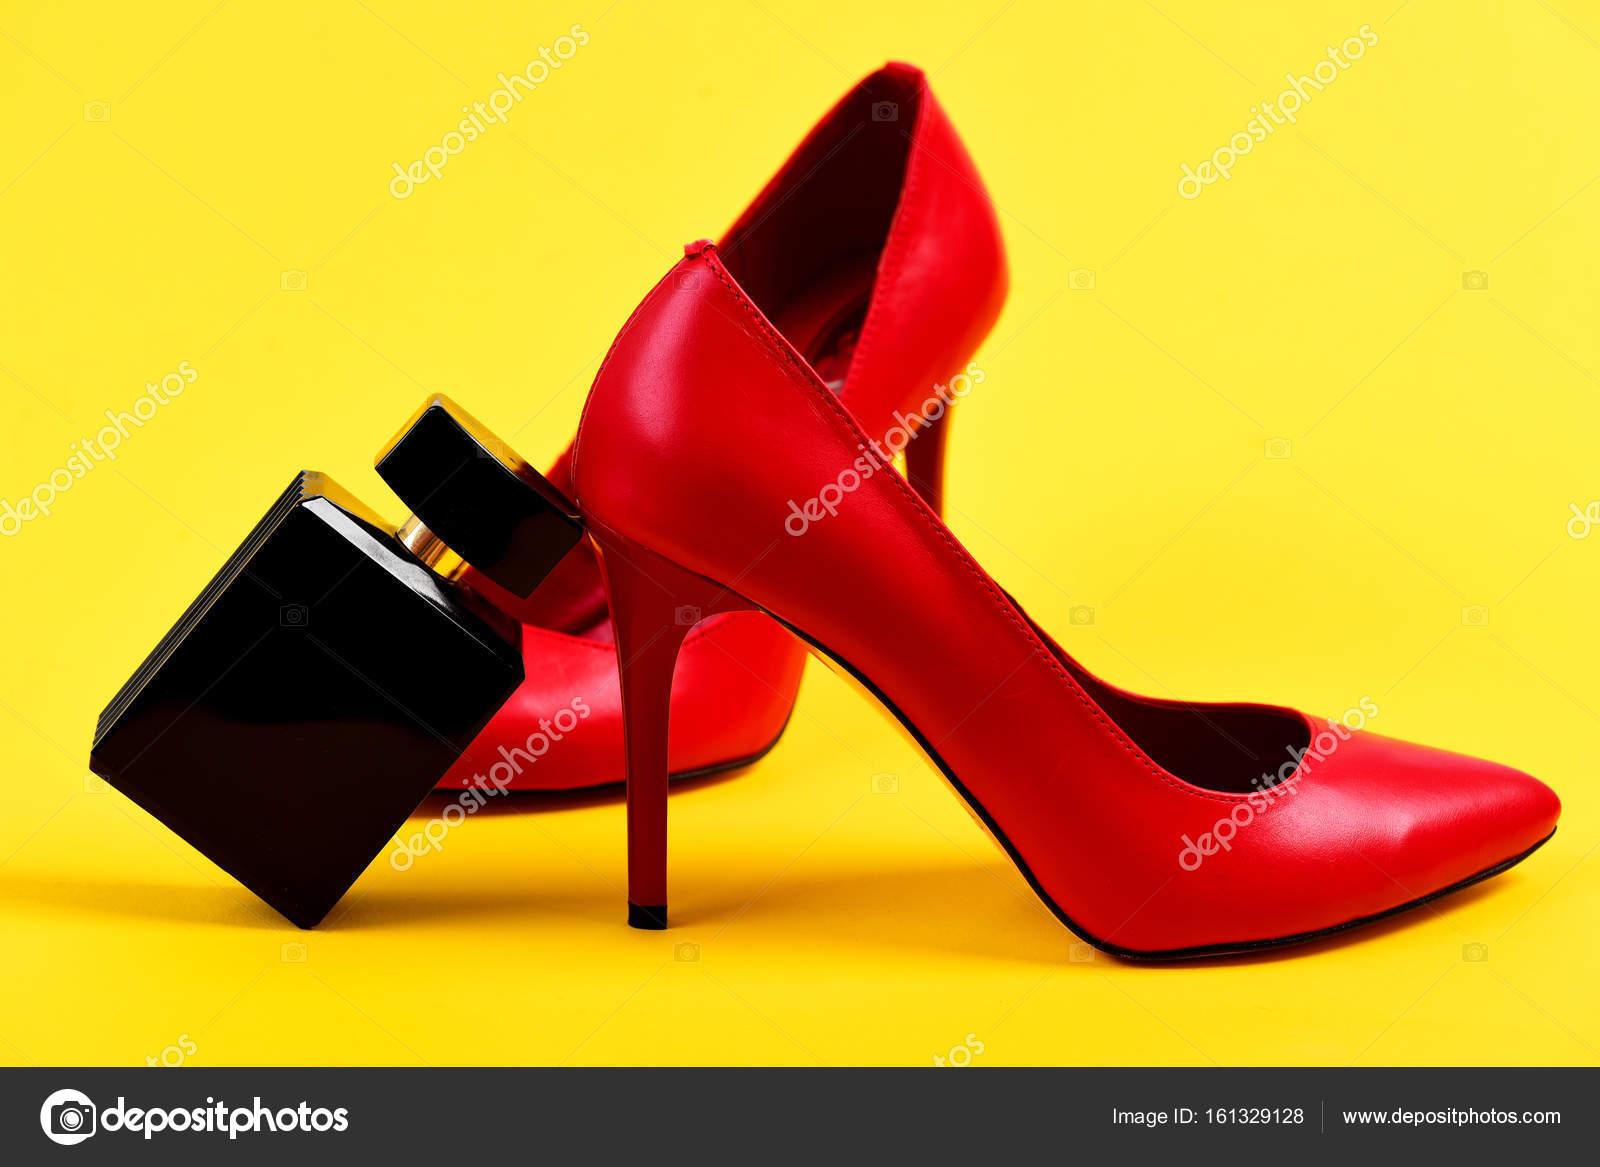 Червоний жіночого взуття і пляшка дух на жовтому фоні — Стокове фото ... 341722b002d2a